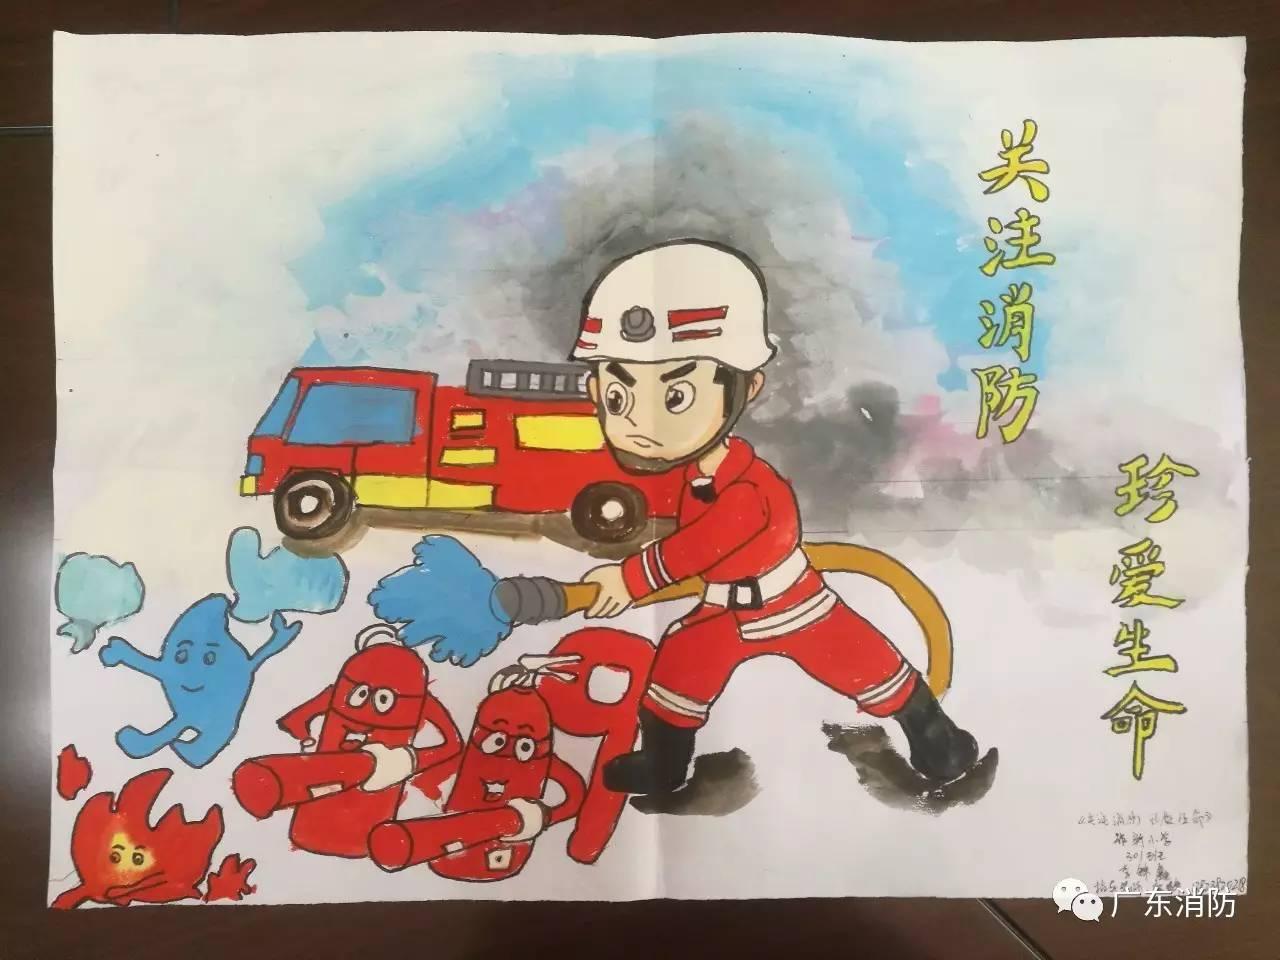 我是小小消防员 第二届儿童消防绘画作文竞赛开始投票啦 绘画篇